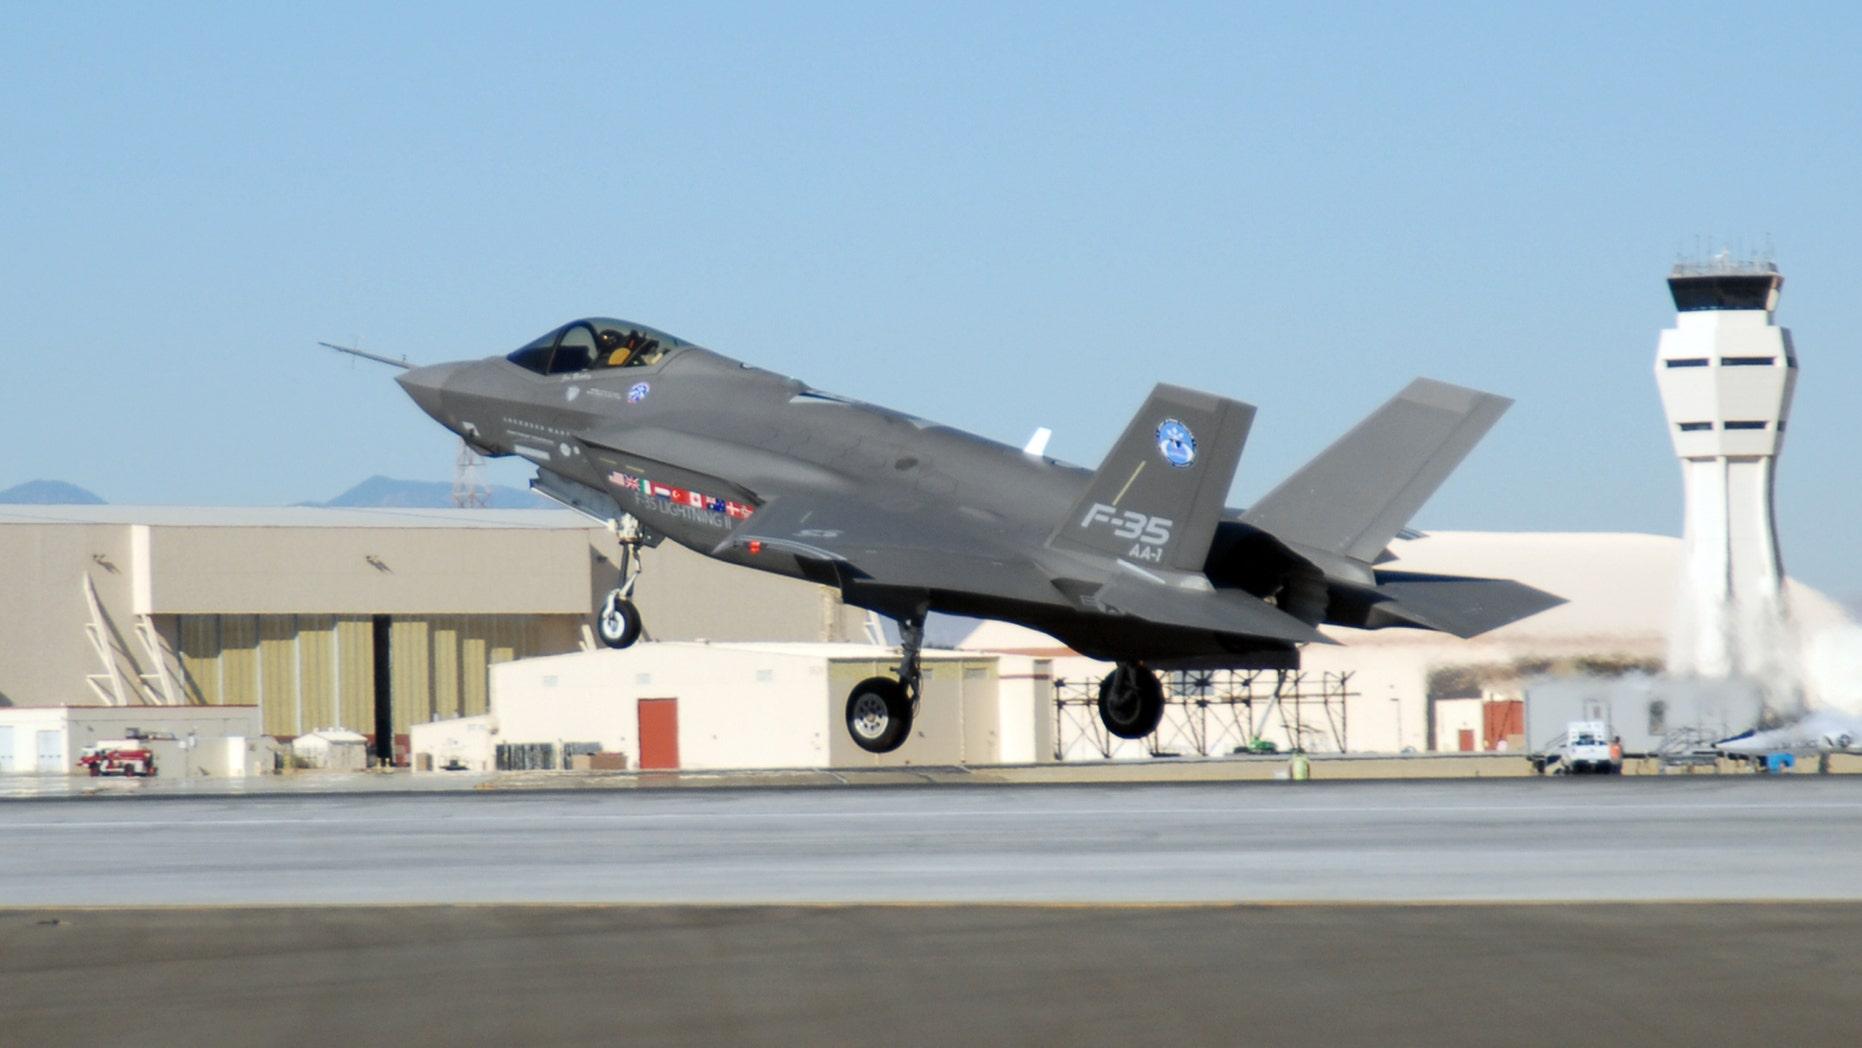 F-35 at Edwards Air Force Base